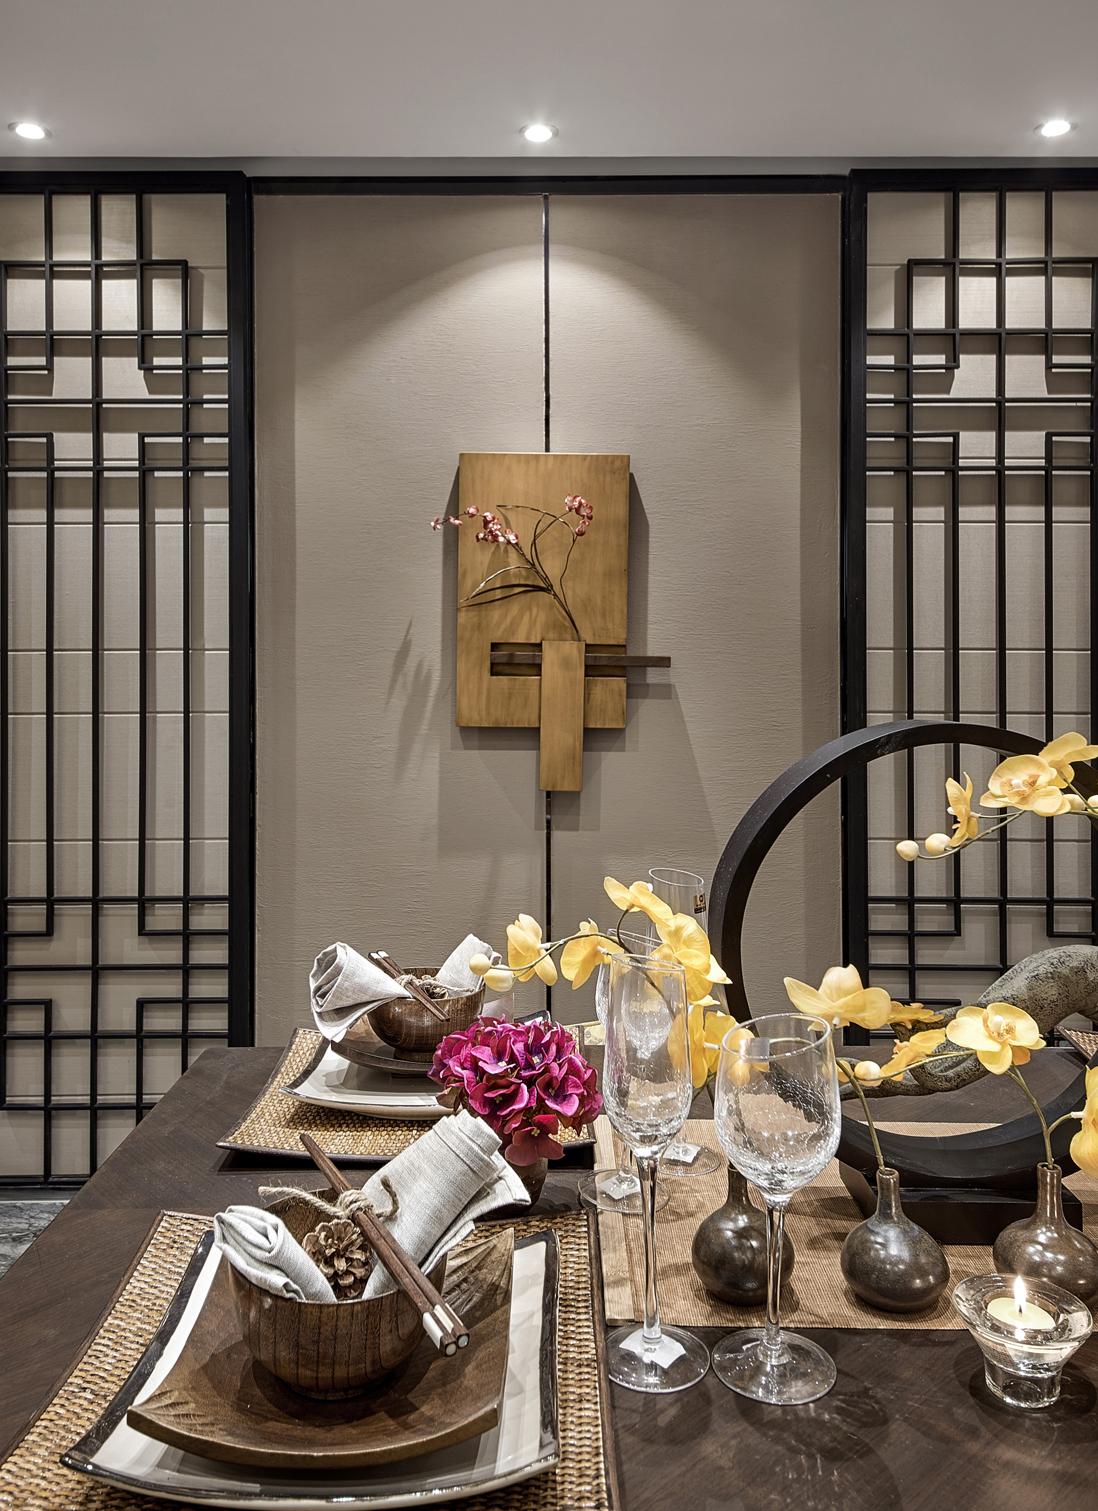 中式豪华大户型餐厅背景墙装修效果图